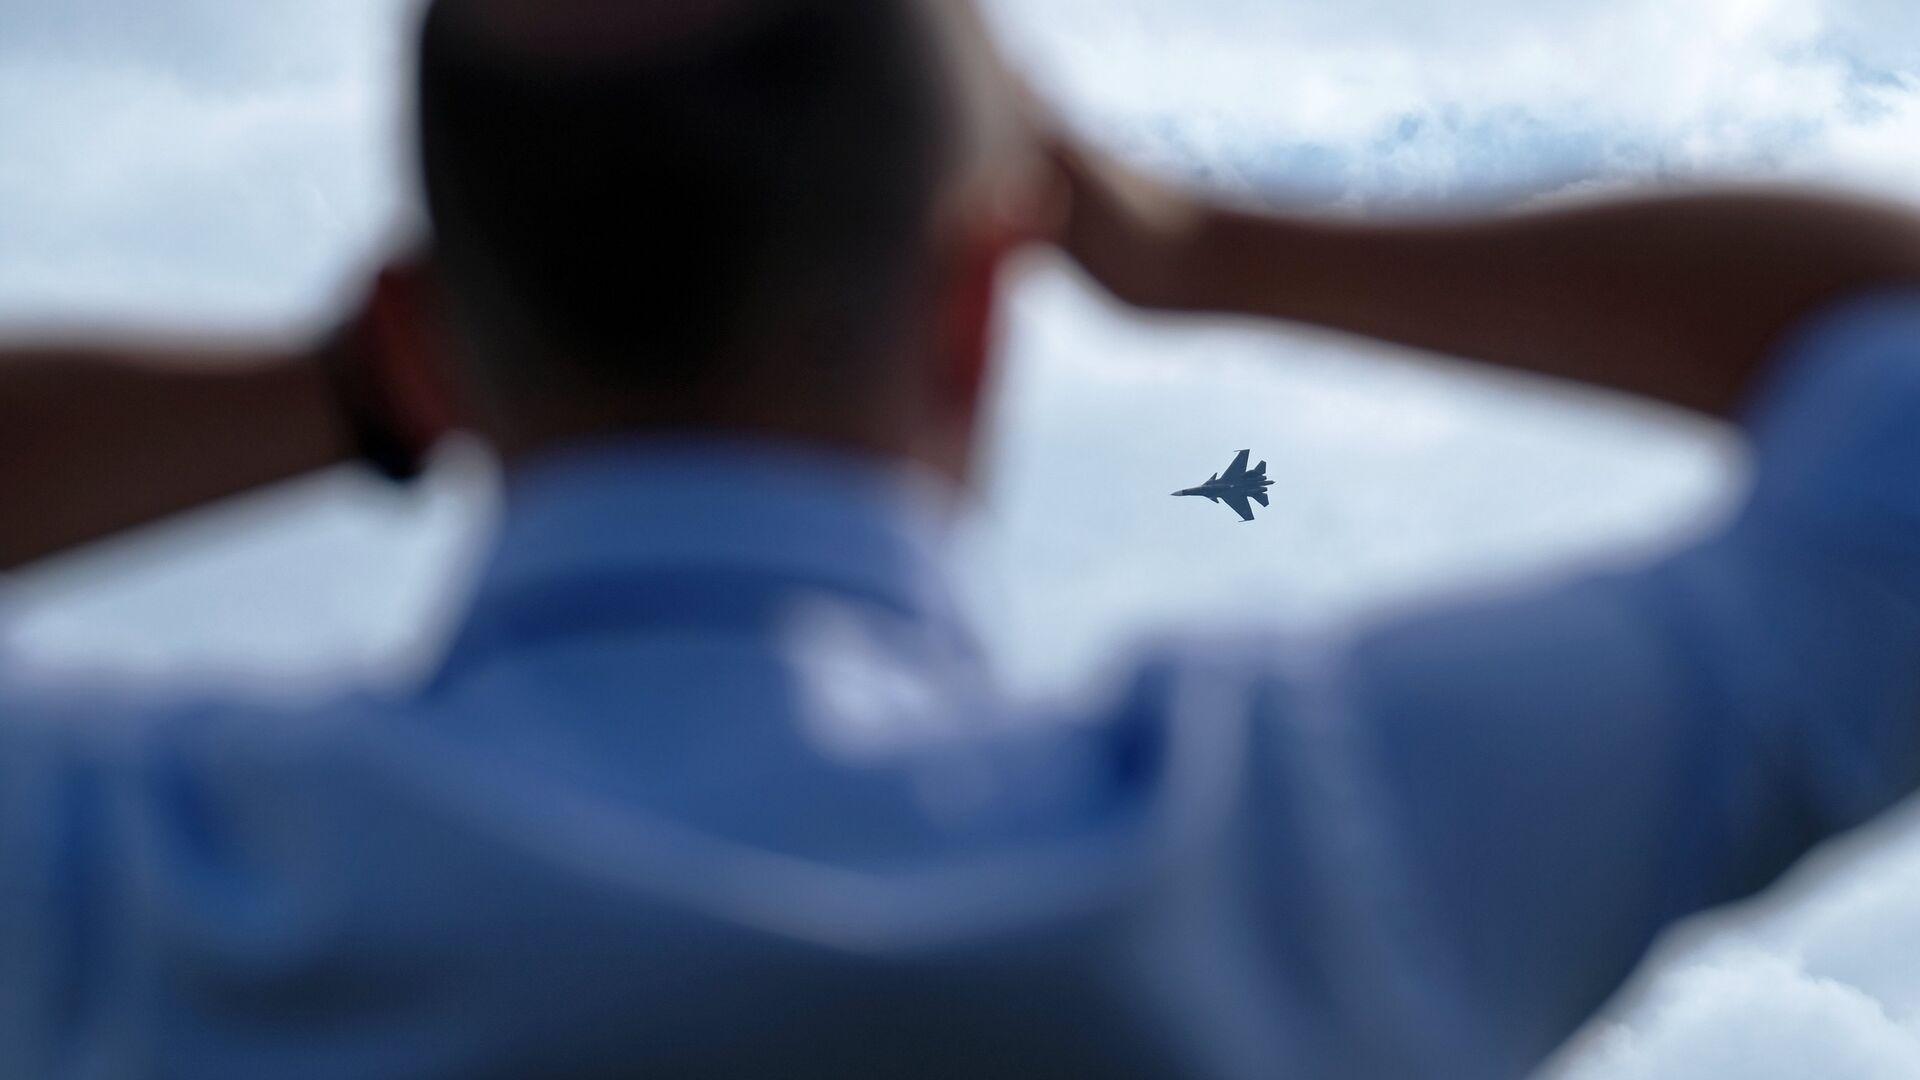 Многоцелевой истребитель Су-30СМ во время полета на Международном авиационно-космическом салоне МАКС в Жуковском - РИА Новости, 1920, 18.07.2021